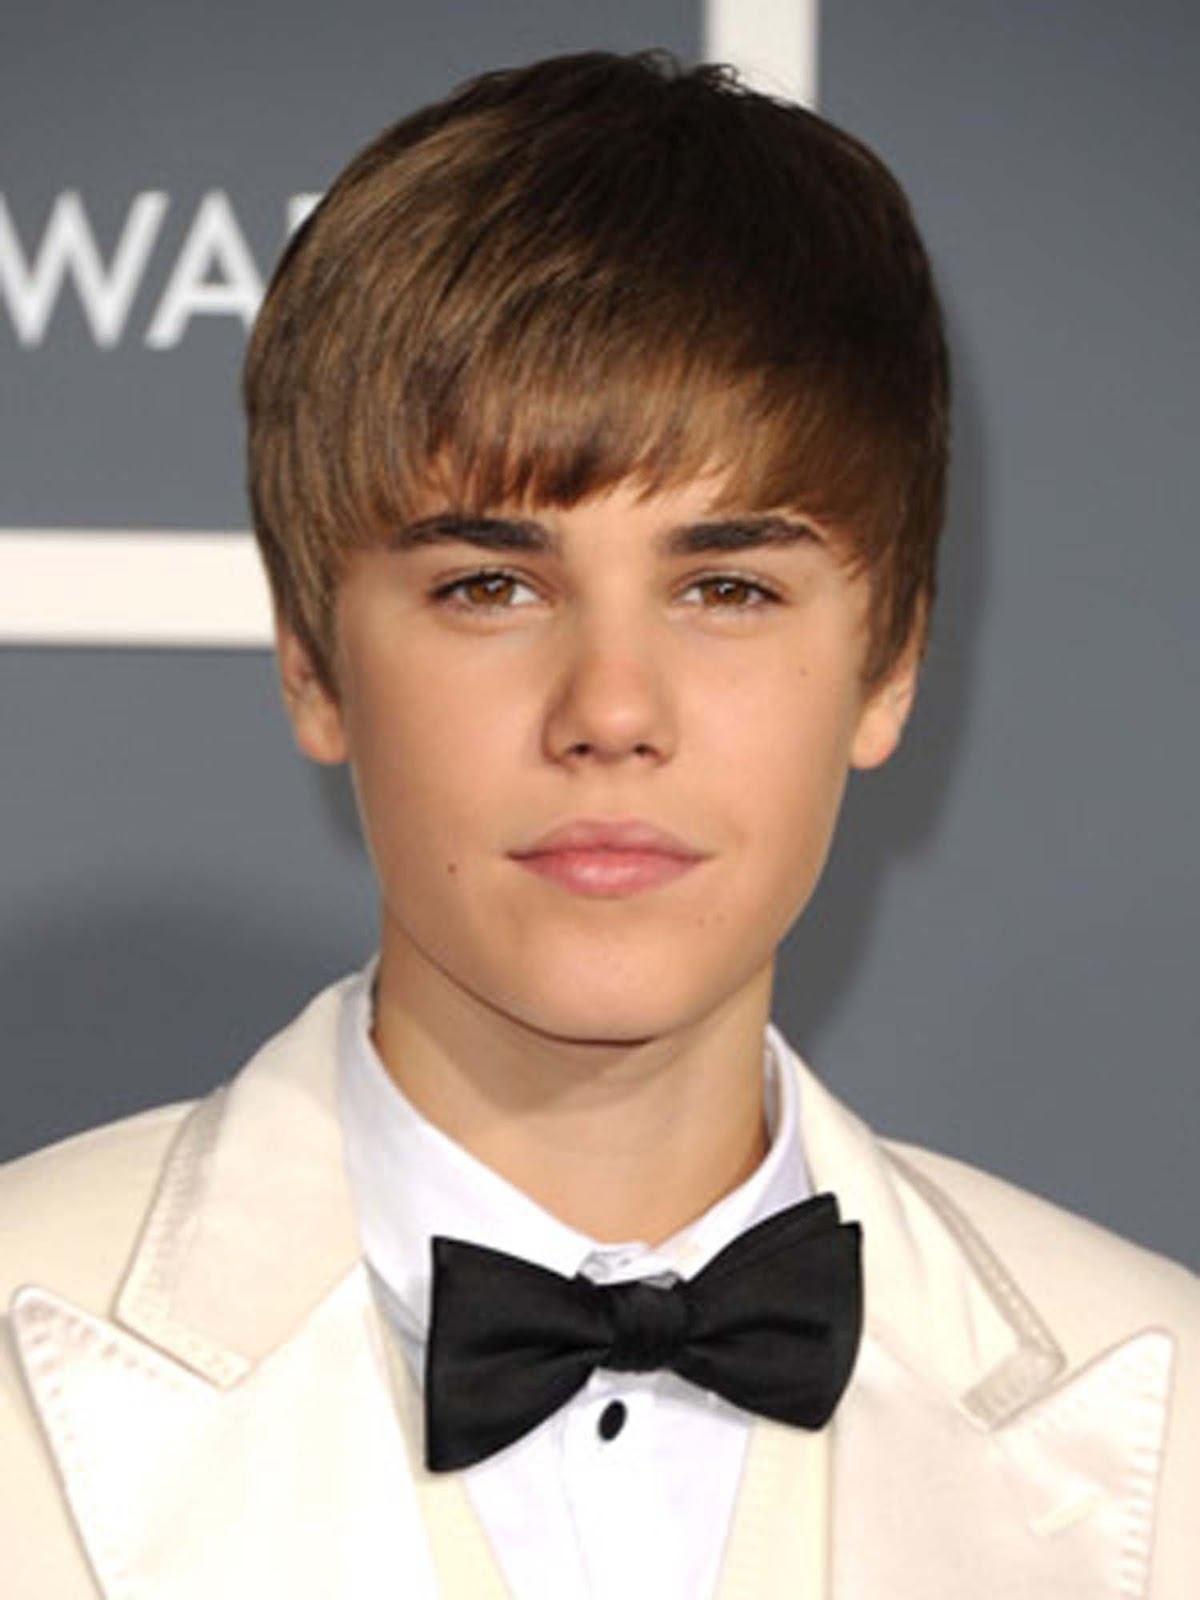 Justin Bieber Styles: Justin Bieber Hairstyle